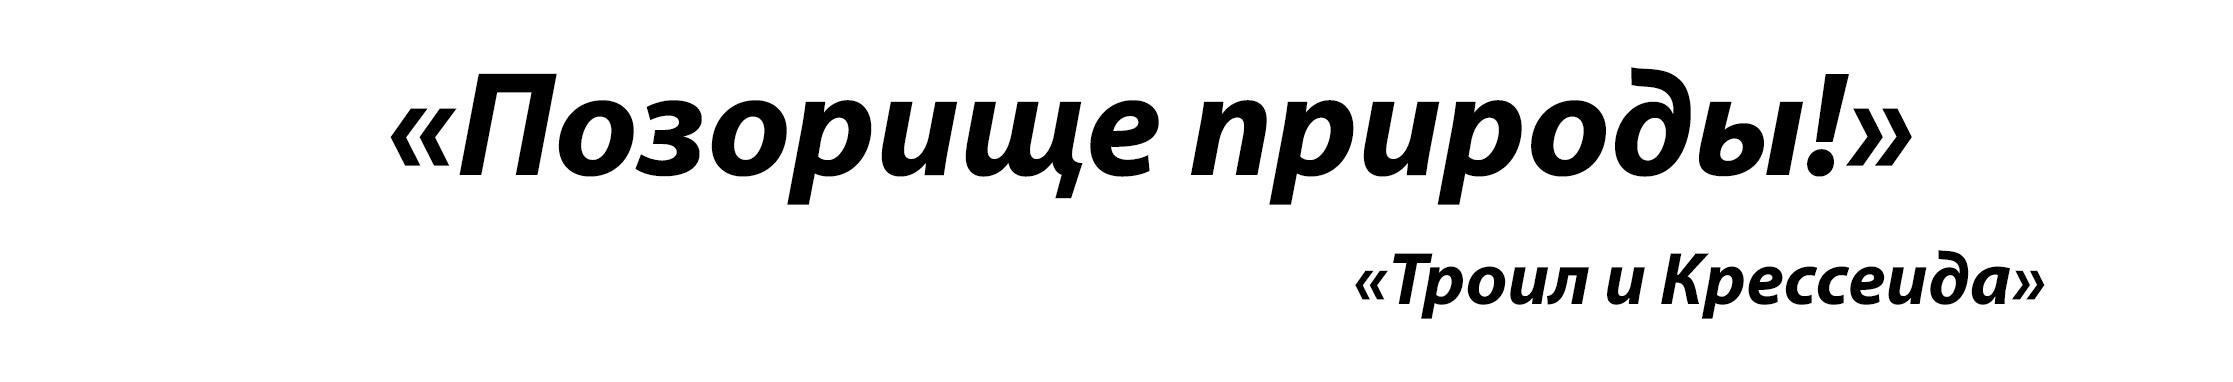 1596708454_07.jpg